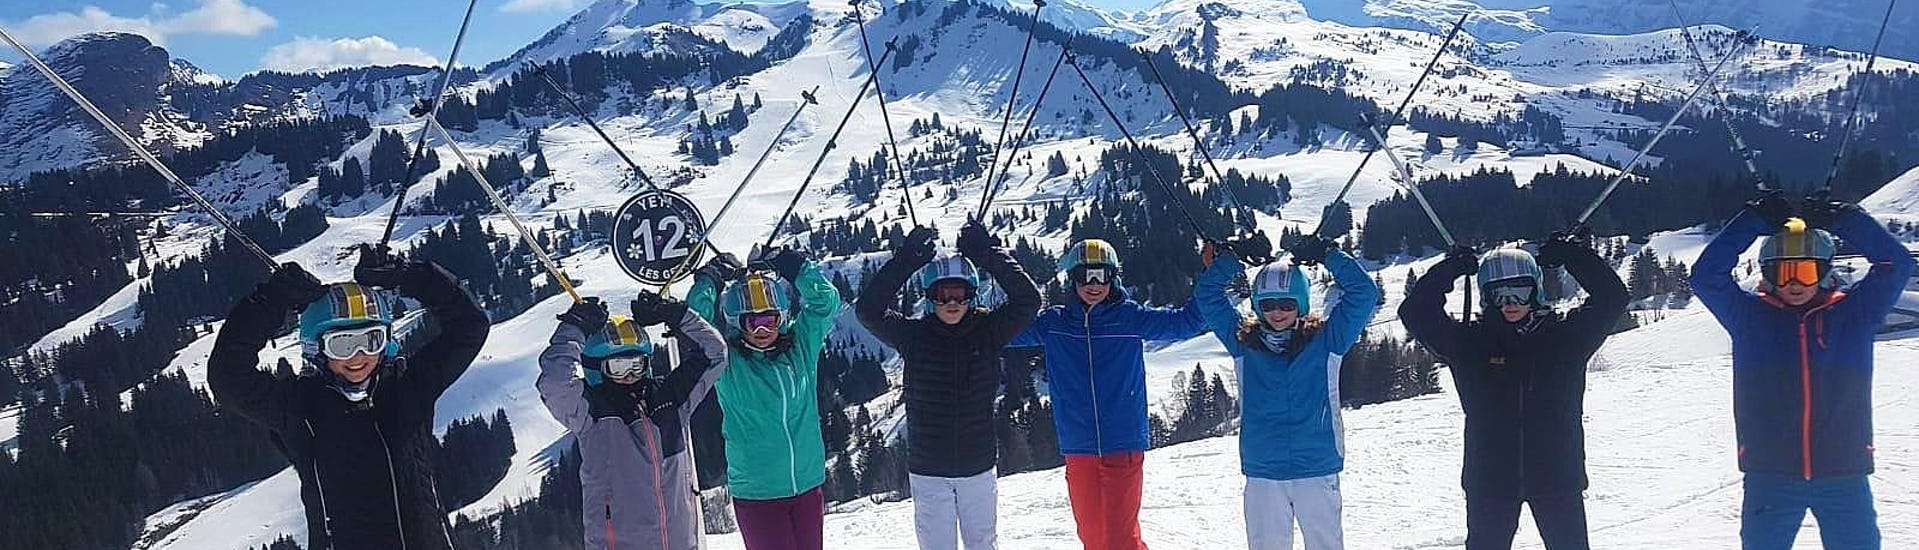 Au sommet des pistes, des skieurs lèvent leurs bâtons de ski vers le ciel pendant leur Cours de ski pour Enfants (5-13 ans) - Après-midi - Avancé avec l'école de ski ESI Easy2Ride Morzine.